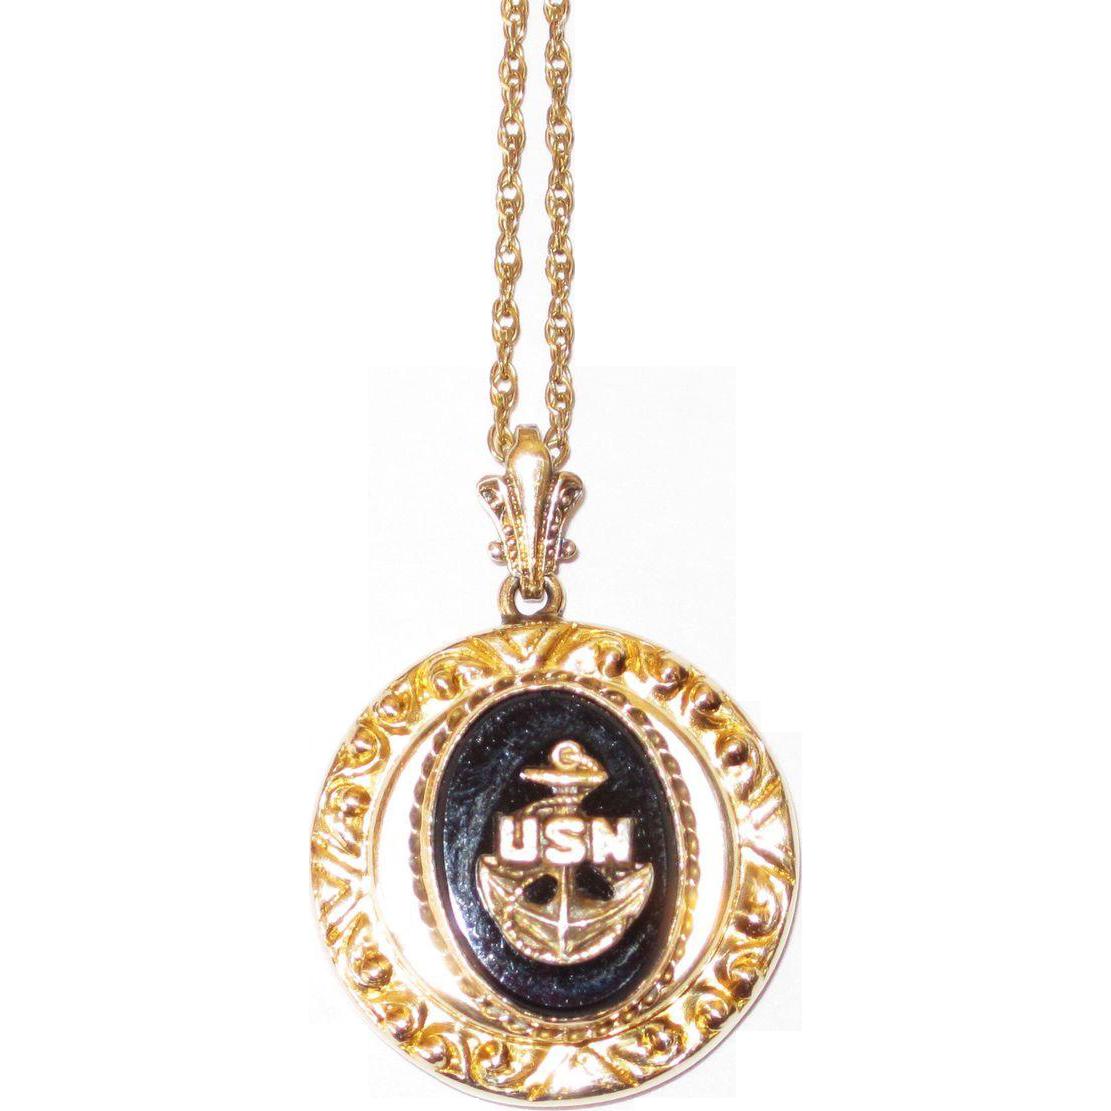 Vintage U.S. Navy Sweetheart Pendant Onyx